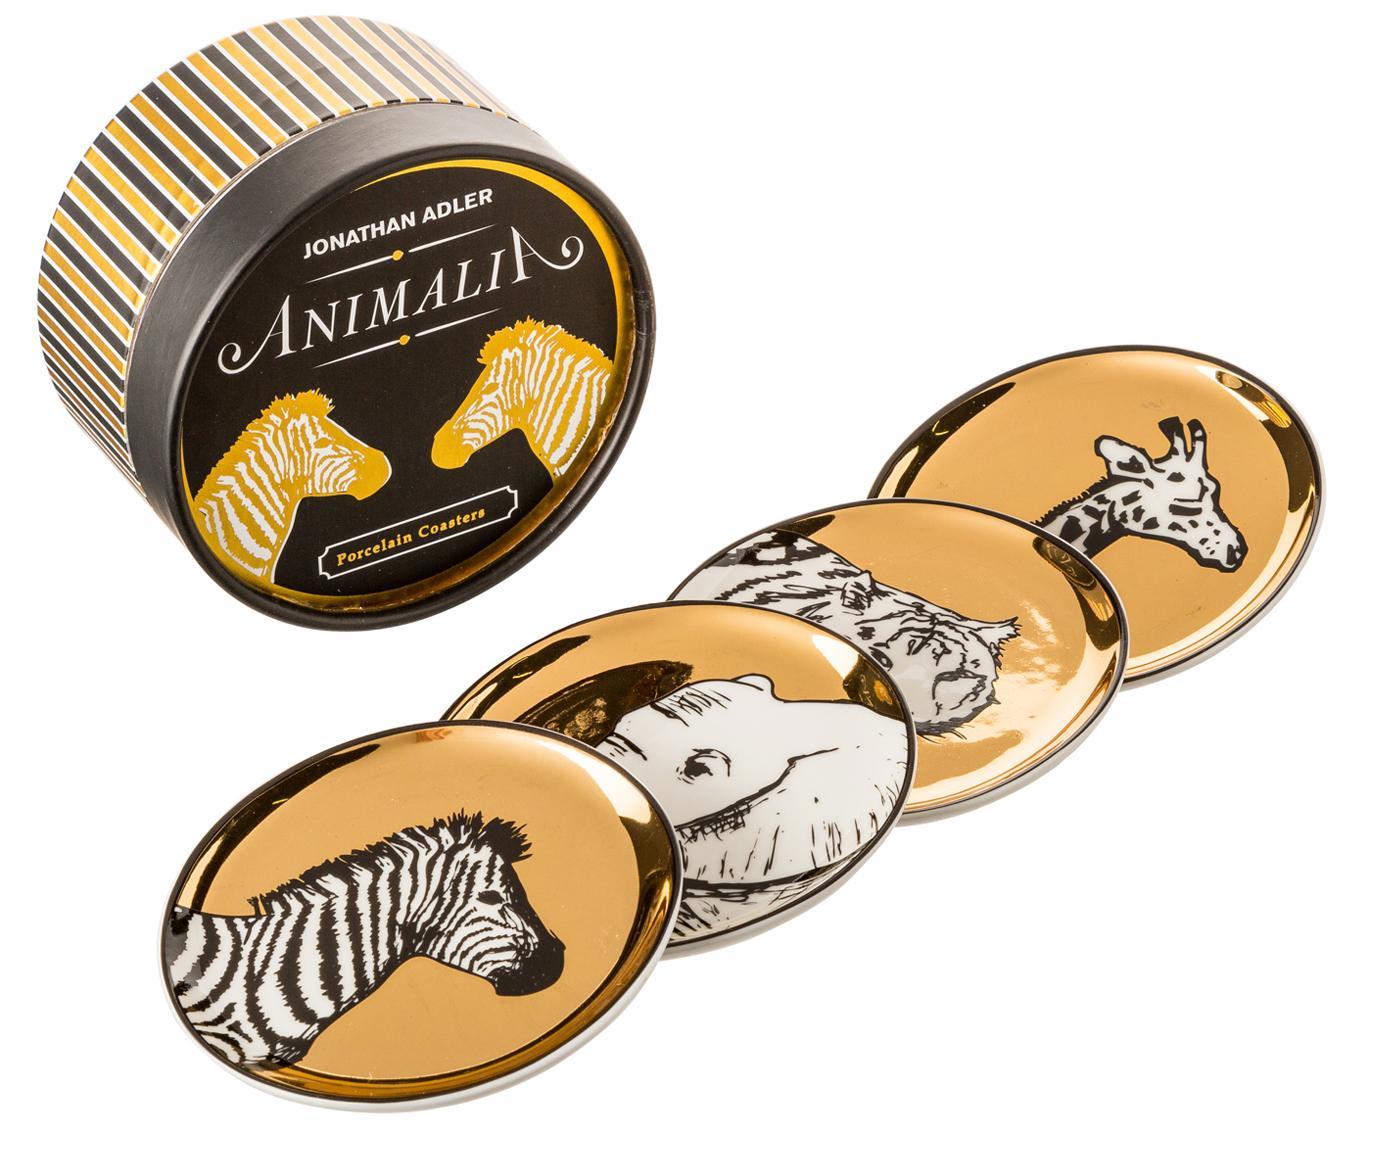 Designer-Untersetzer-Set Animalia, 4-tlg., Porzellan, Gold,Schwarz,Weiss, Ø 10 cm